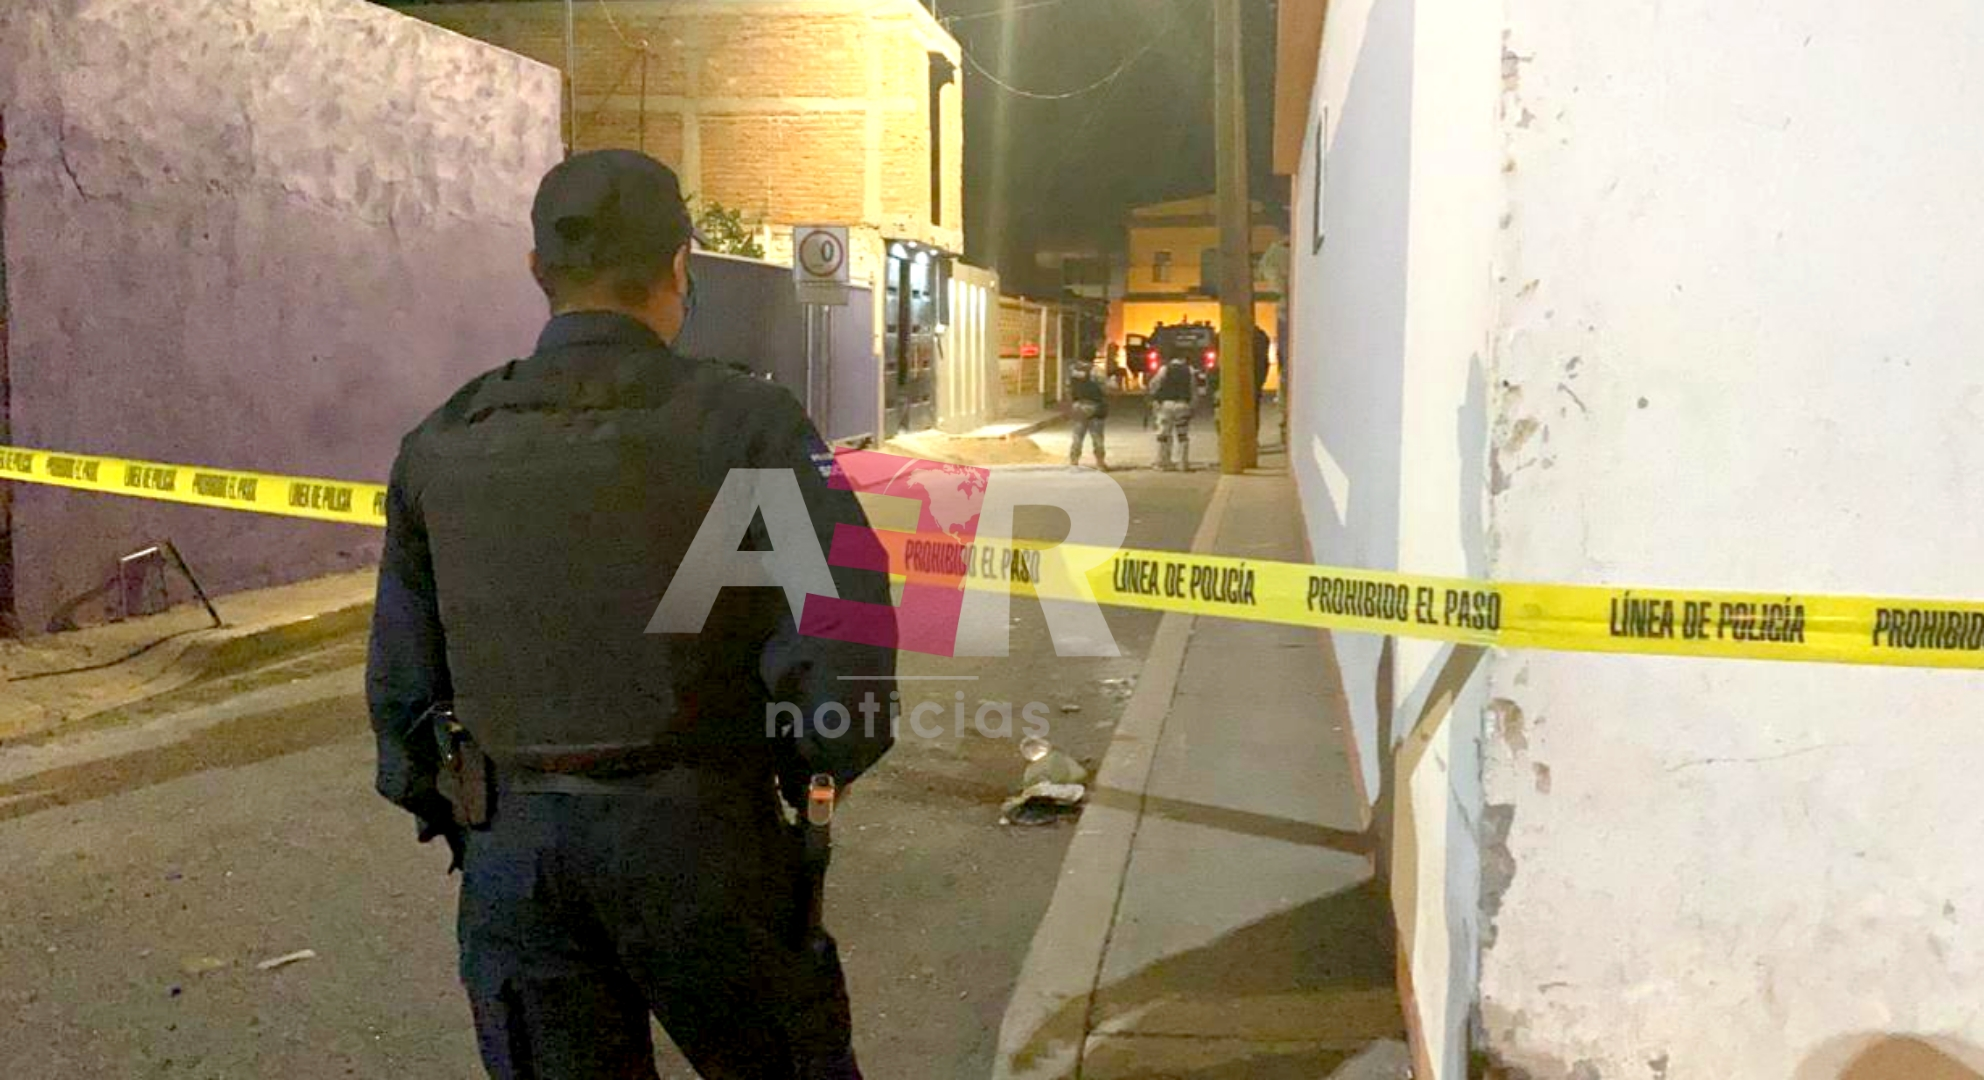 Hombres armados rafaguean e ingresan a casa en el barrio de Guadalupe 1